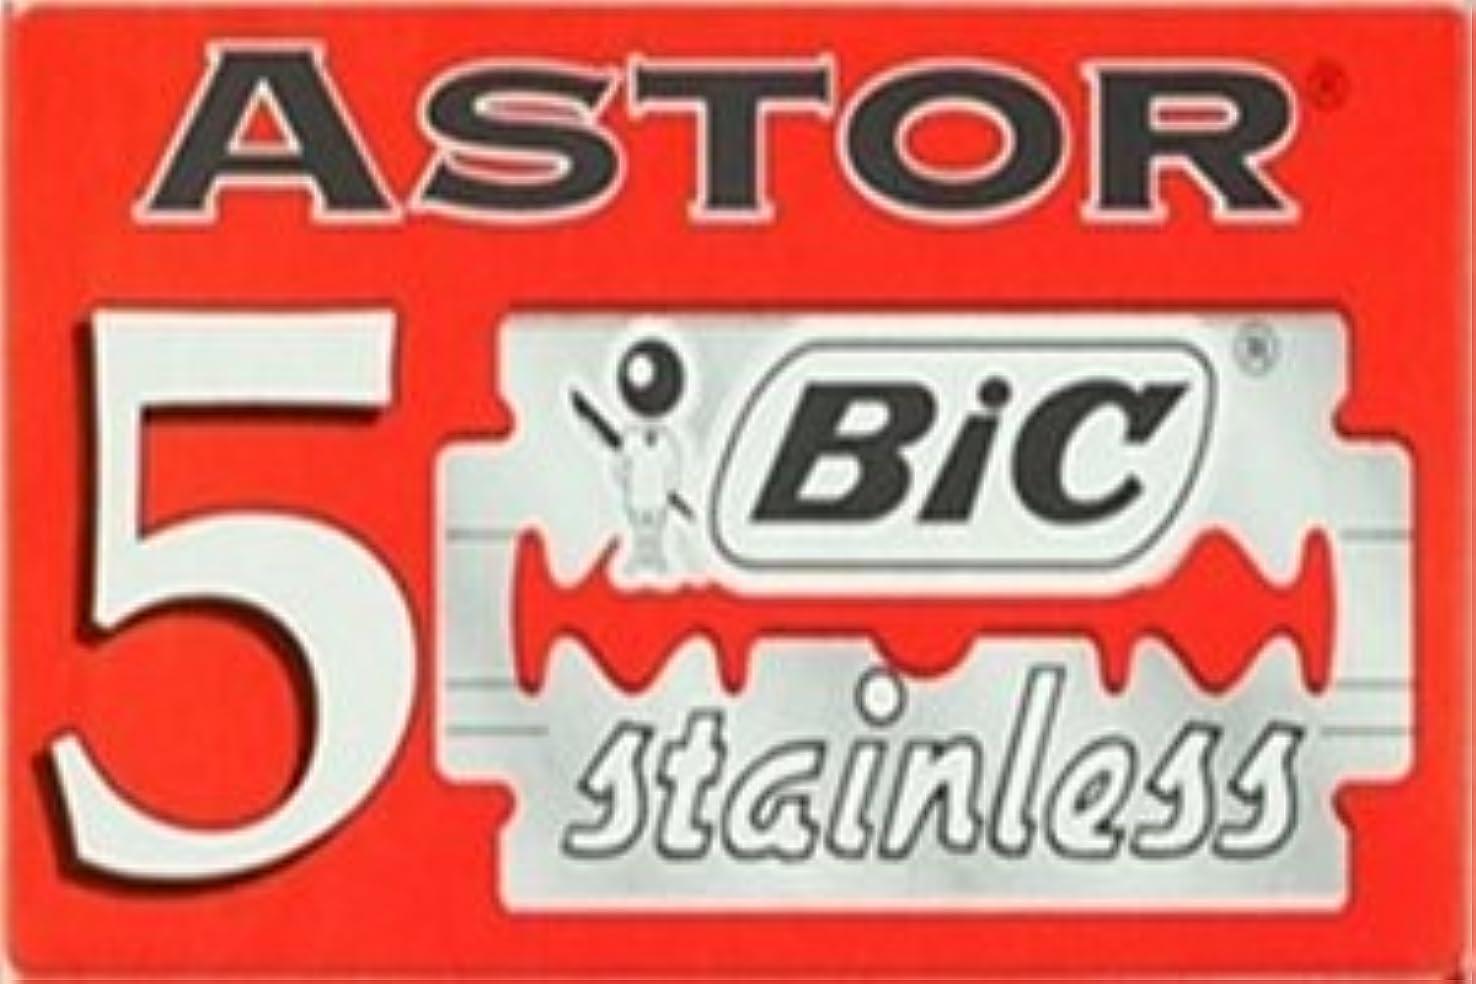 モニカ目指す敷居BIC Astor Stainless 両刃替刃 5枚入り(5枚入り1 個セット)【並行輸入品】